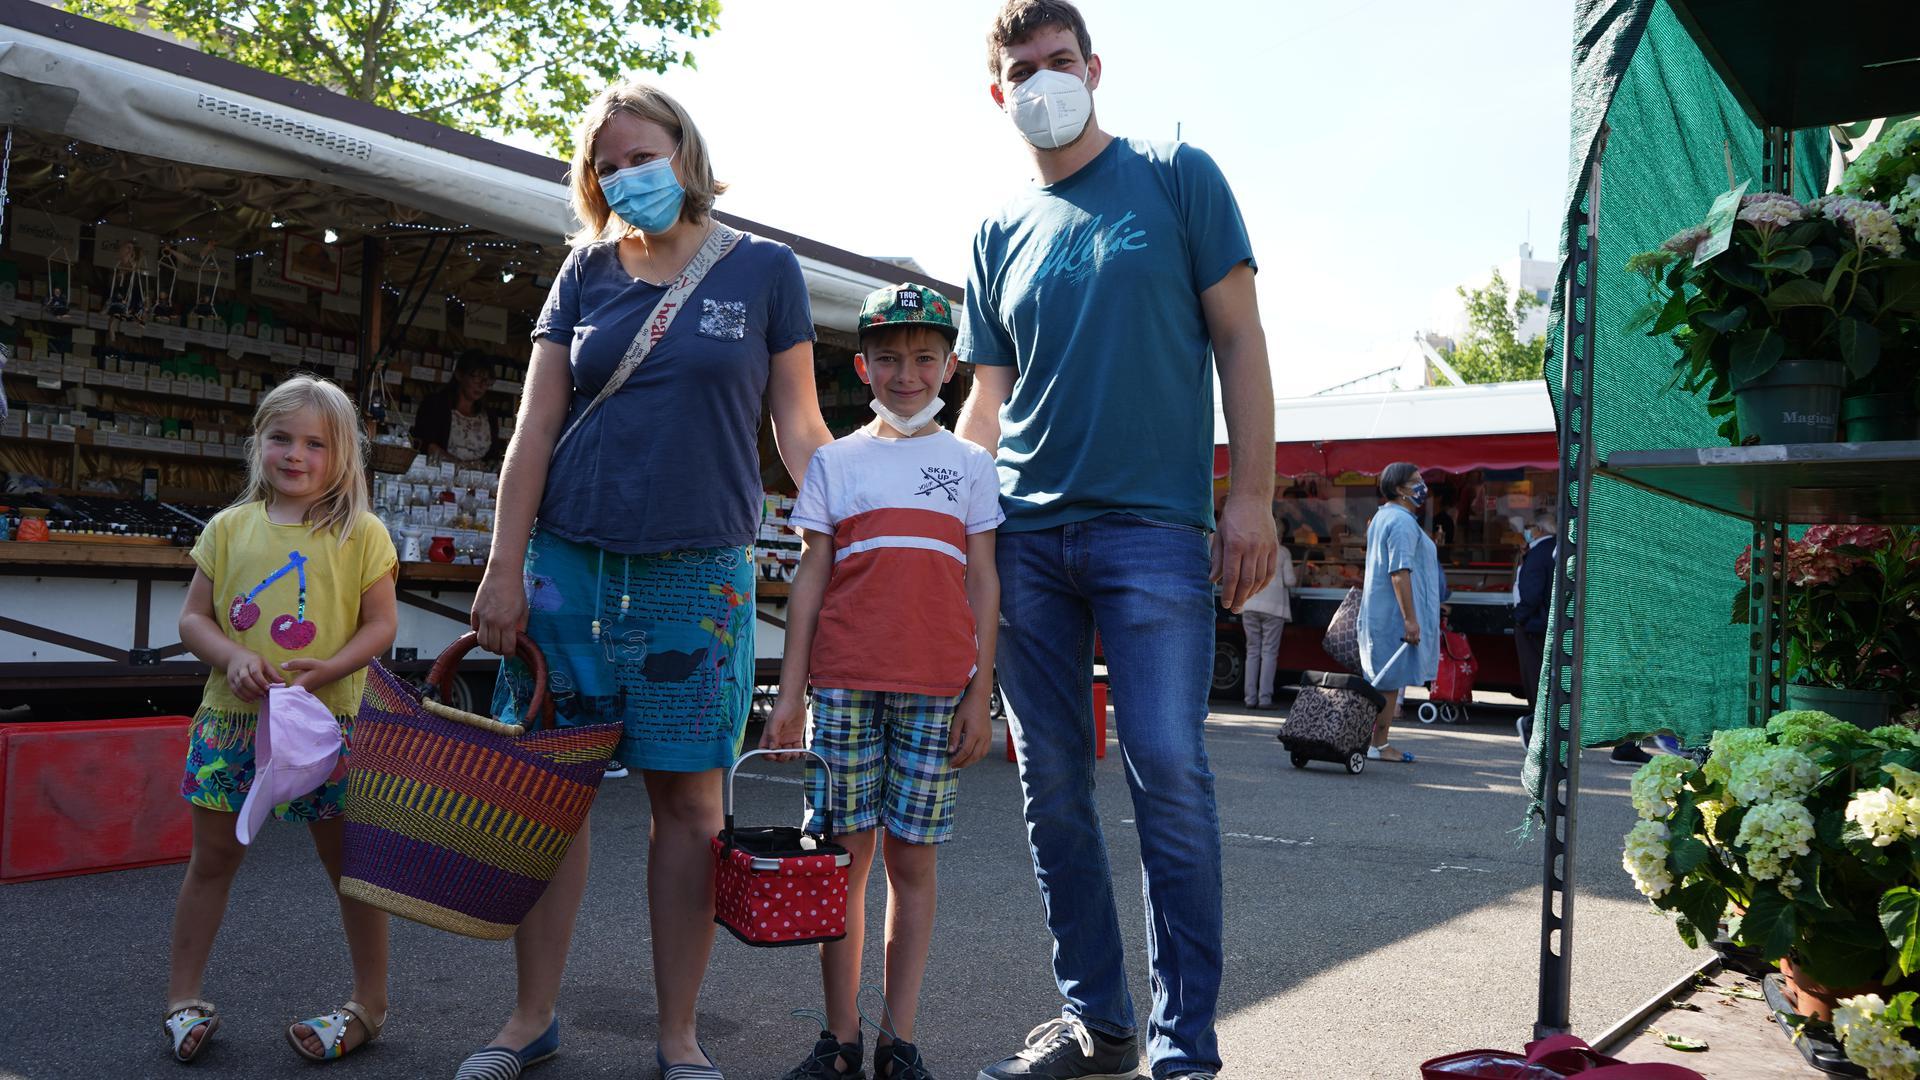 Familienausflug auf den Markt: Katinka Rabenseifner mit ihren Kindern Frieda und Yannick und ihrem Mann Sascha.